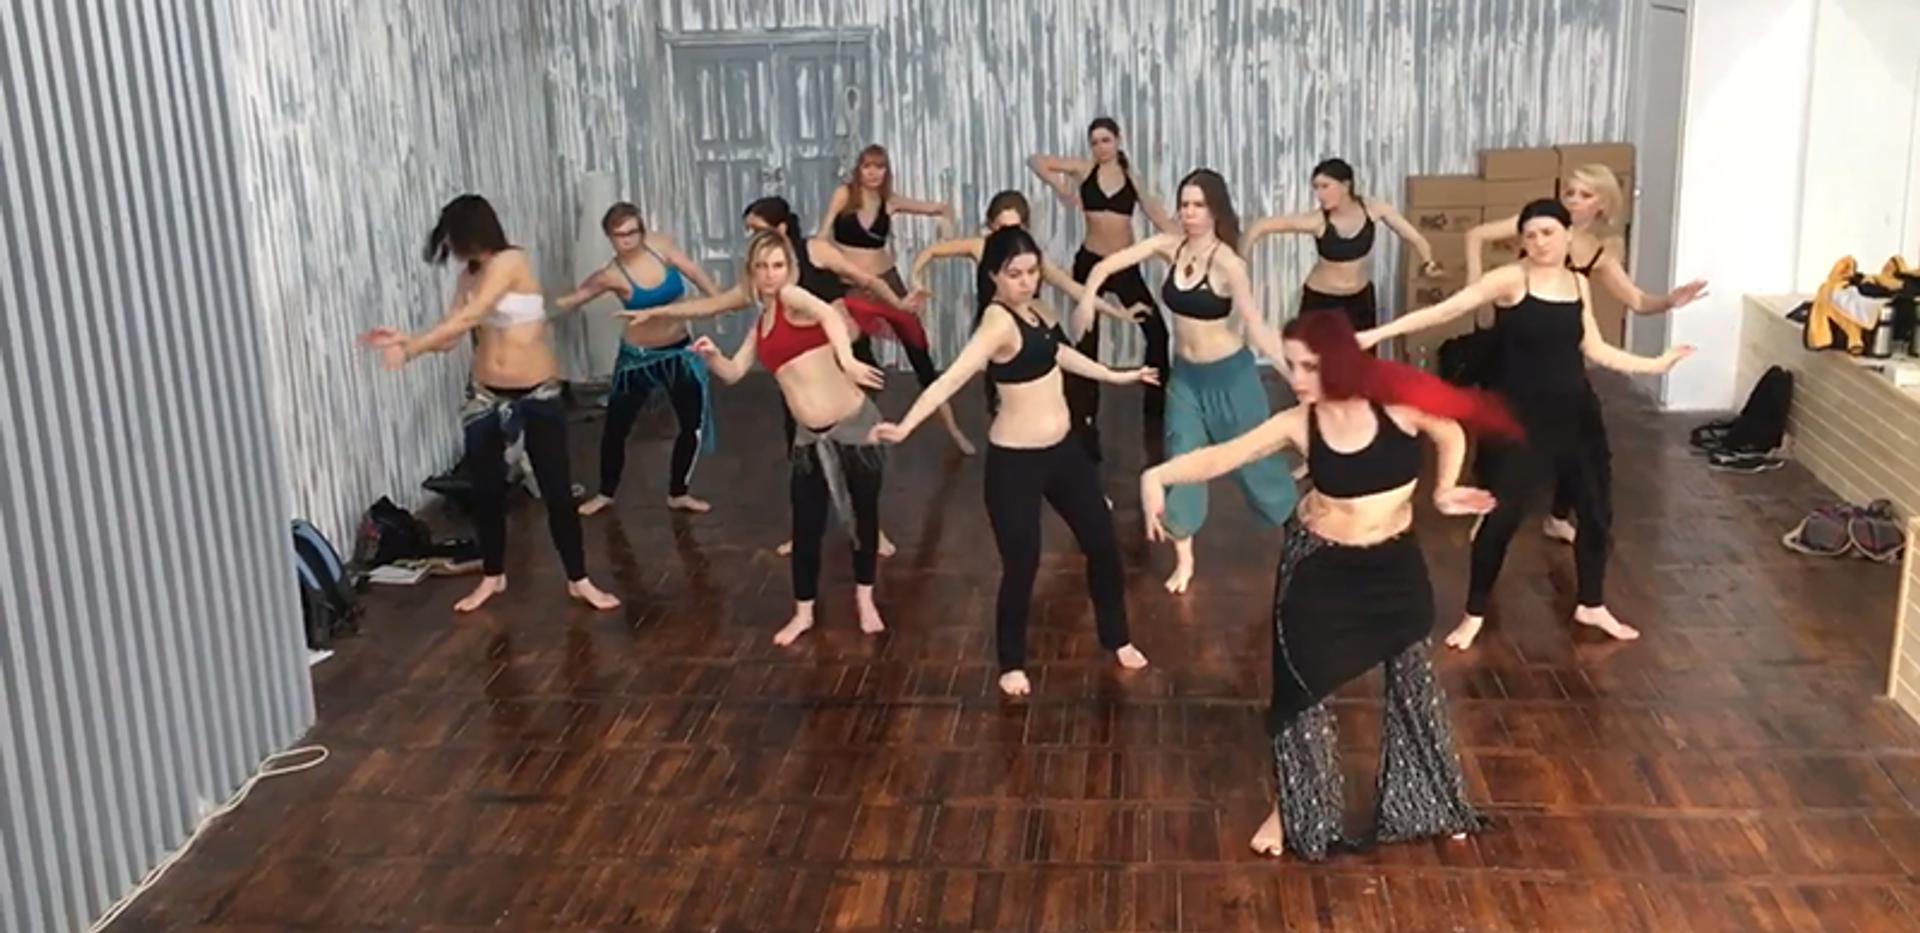 Мастер класс по танцу трайбл фьюжн от Этель. Москва